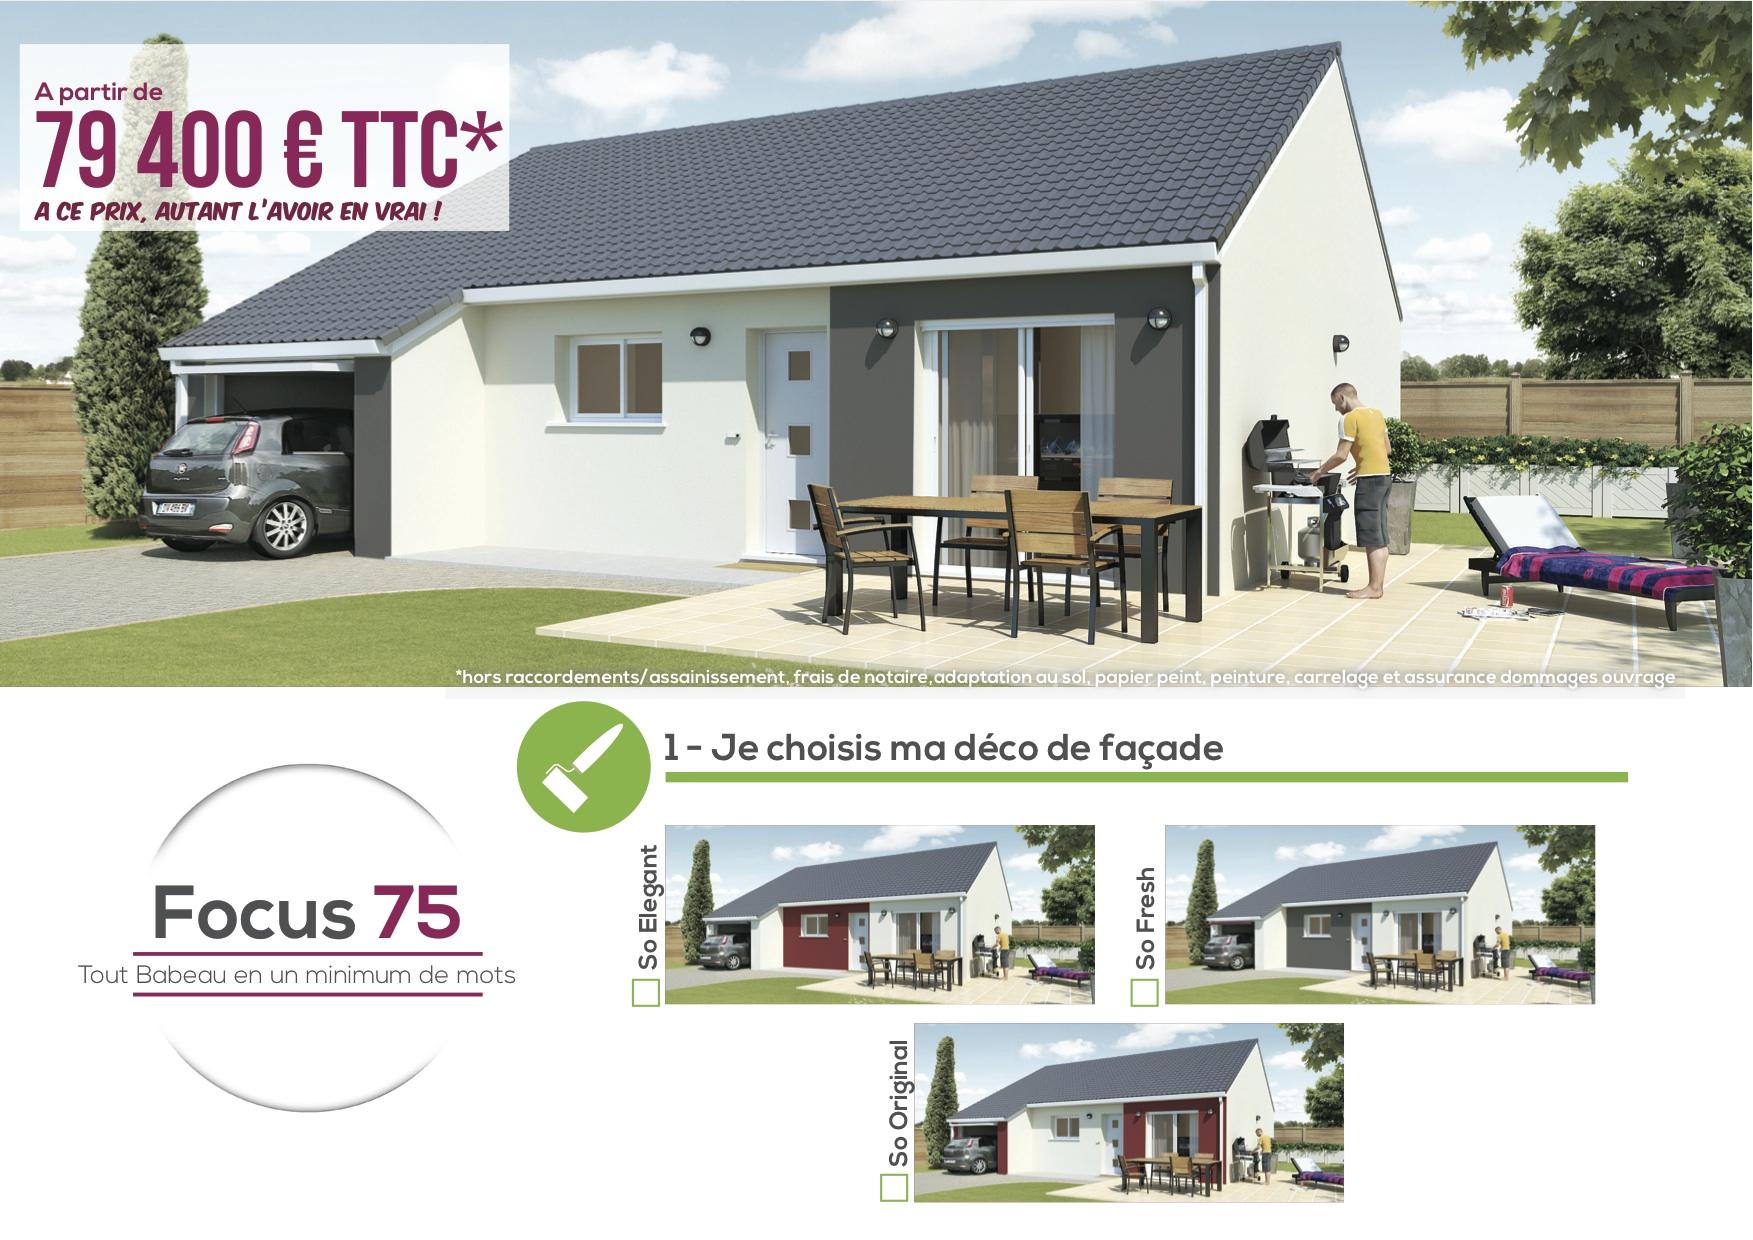 maisons focus constructeur de maisons moins ch res. Black Bedroom Furniture Sets. Home Design Ideas